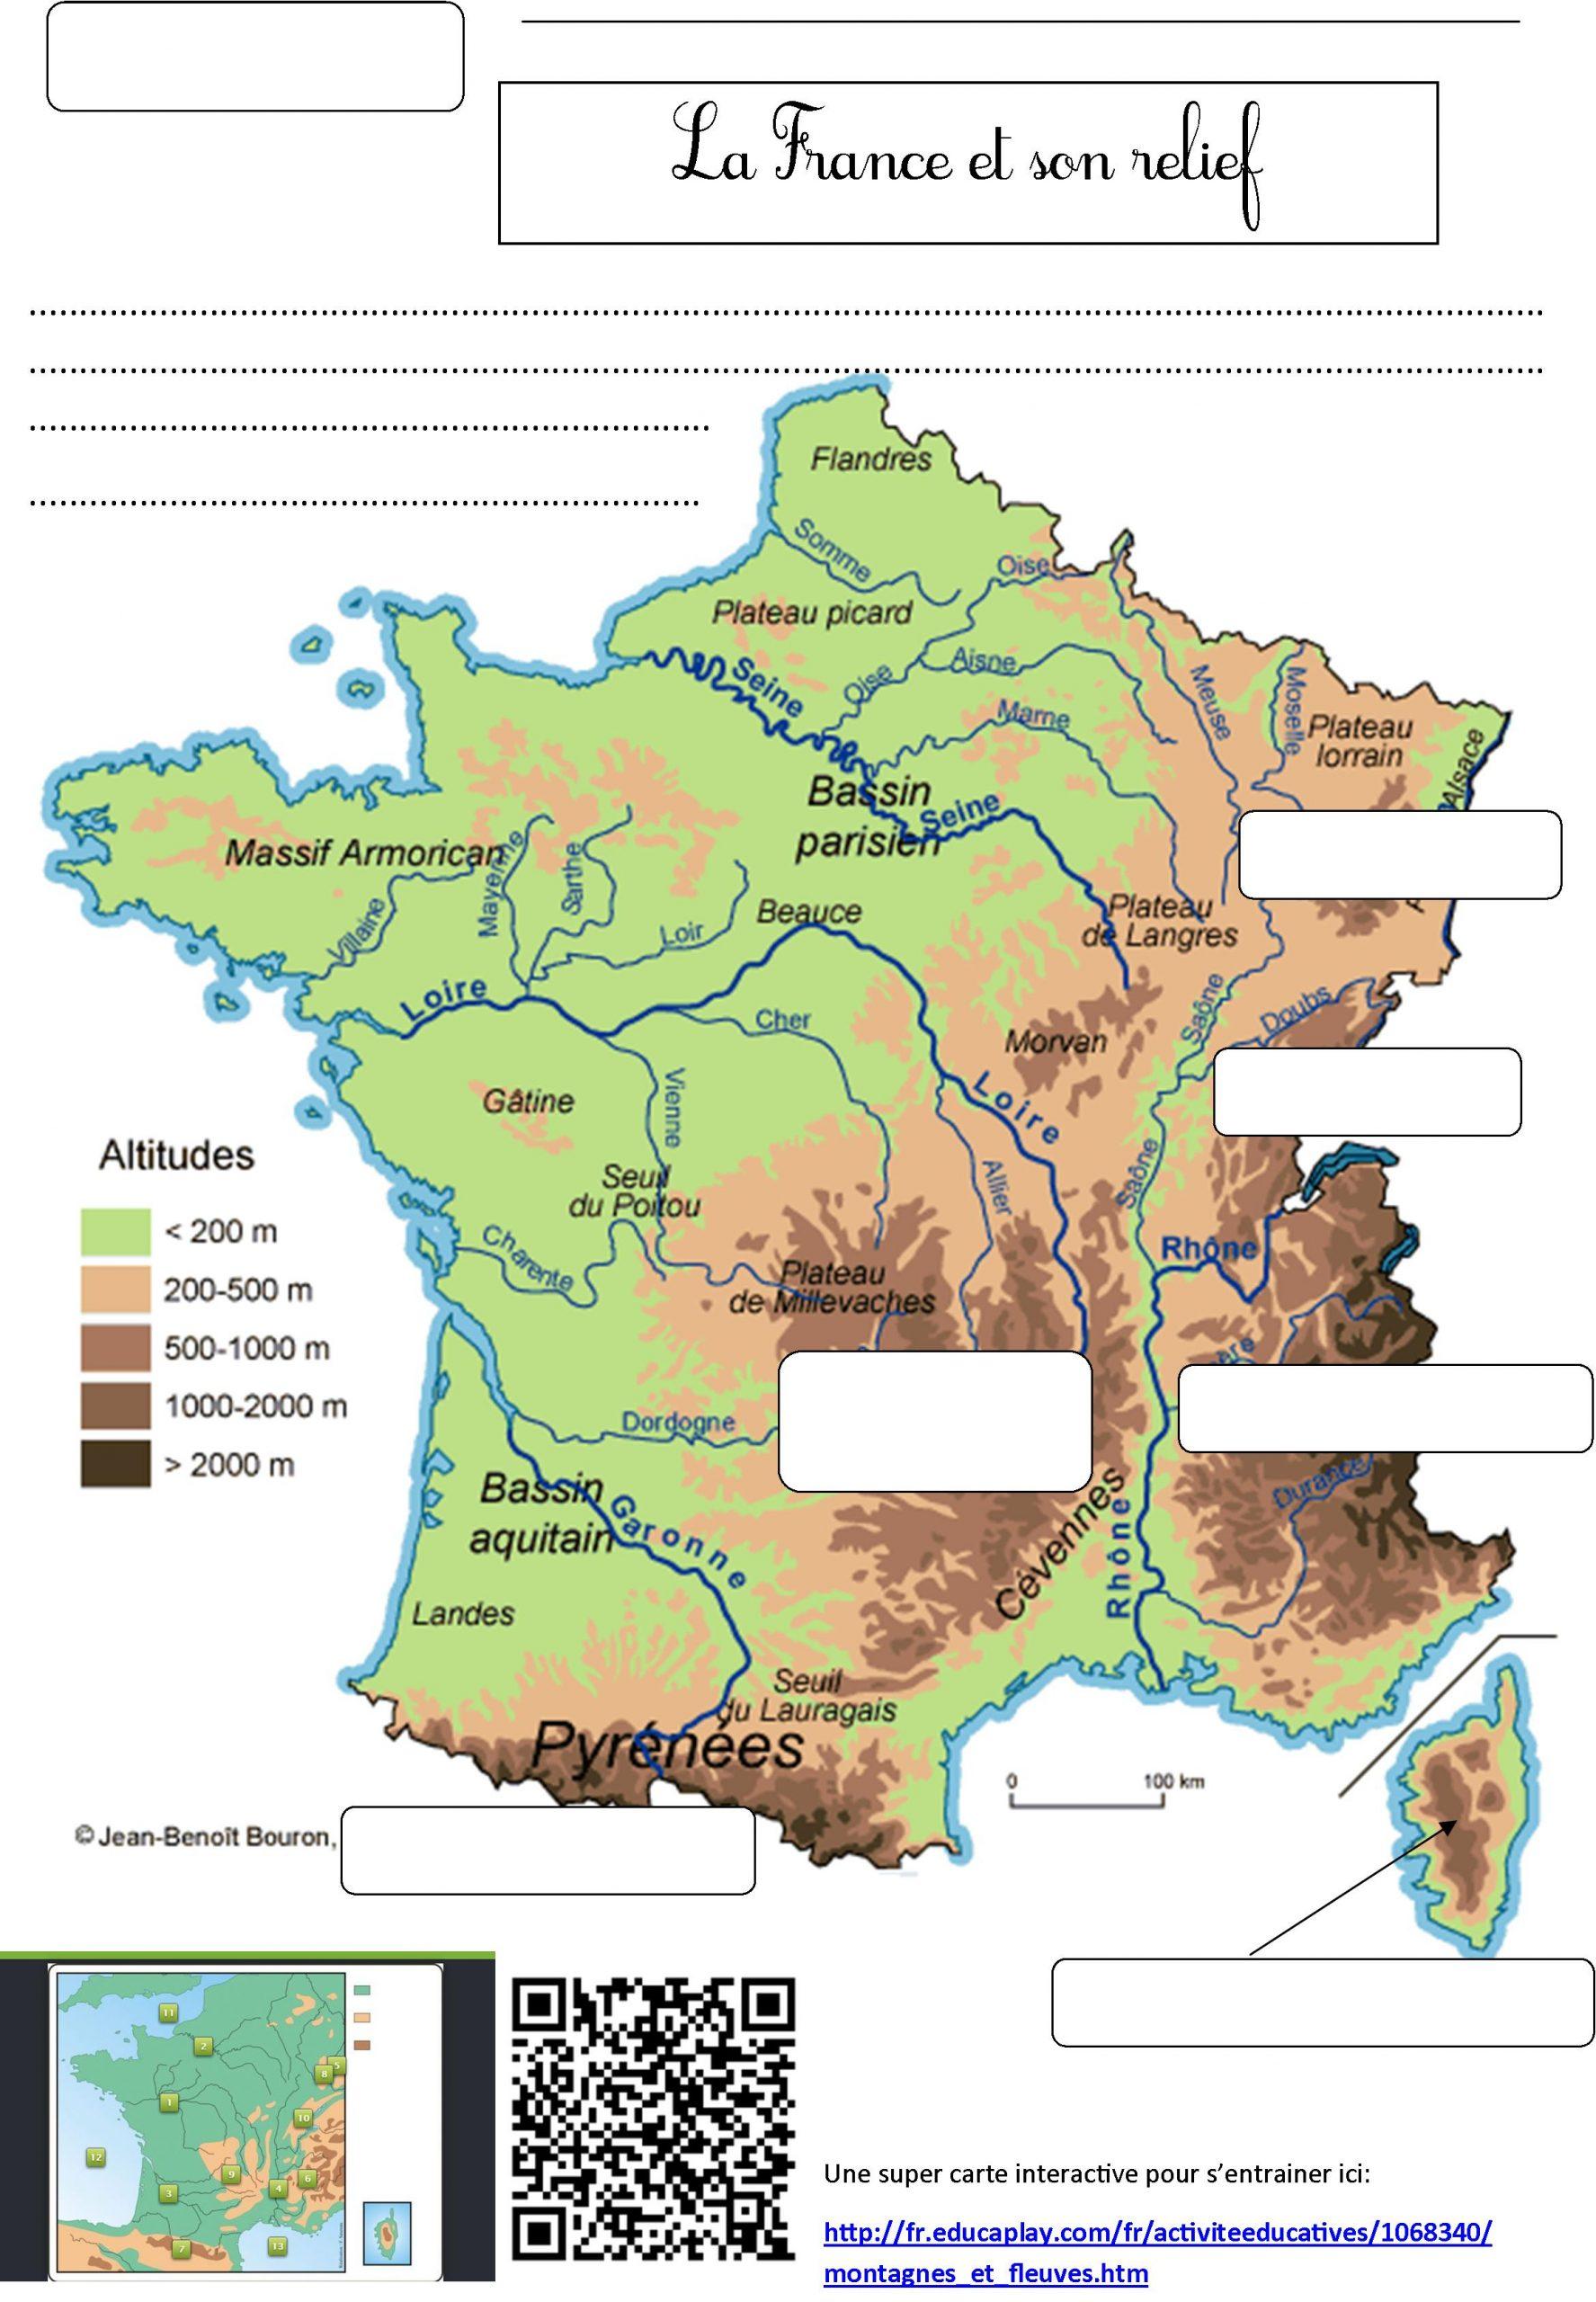 Fleuves De France | Le Blog De Monsieur Mathieu destiné Carte De France Des Fleuves